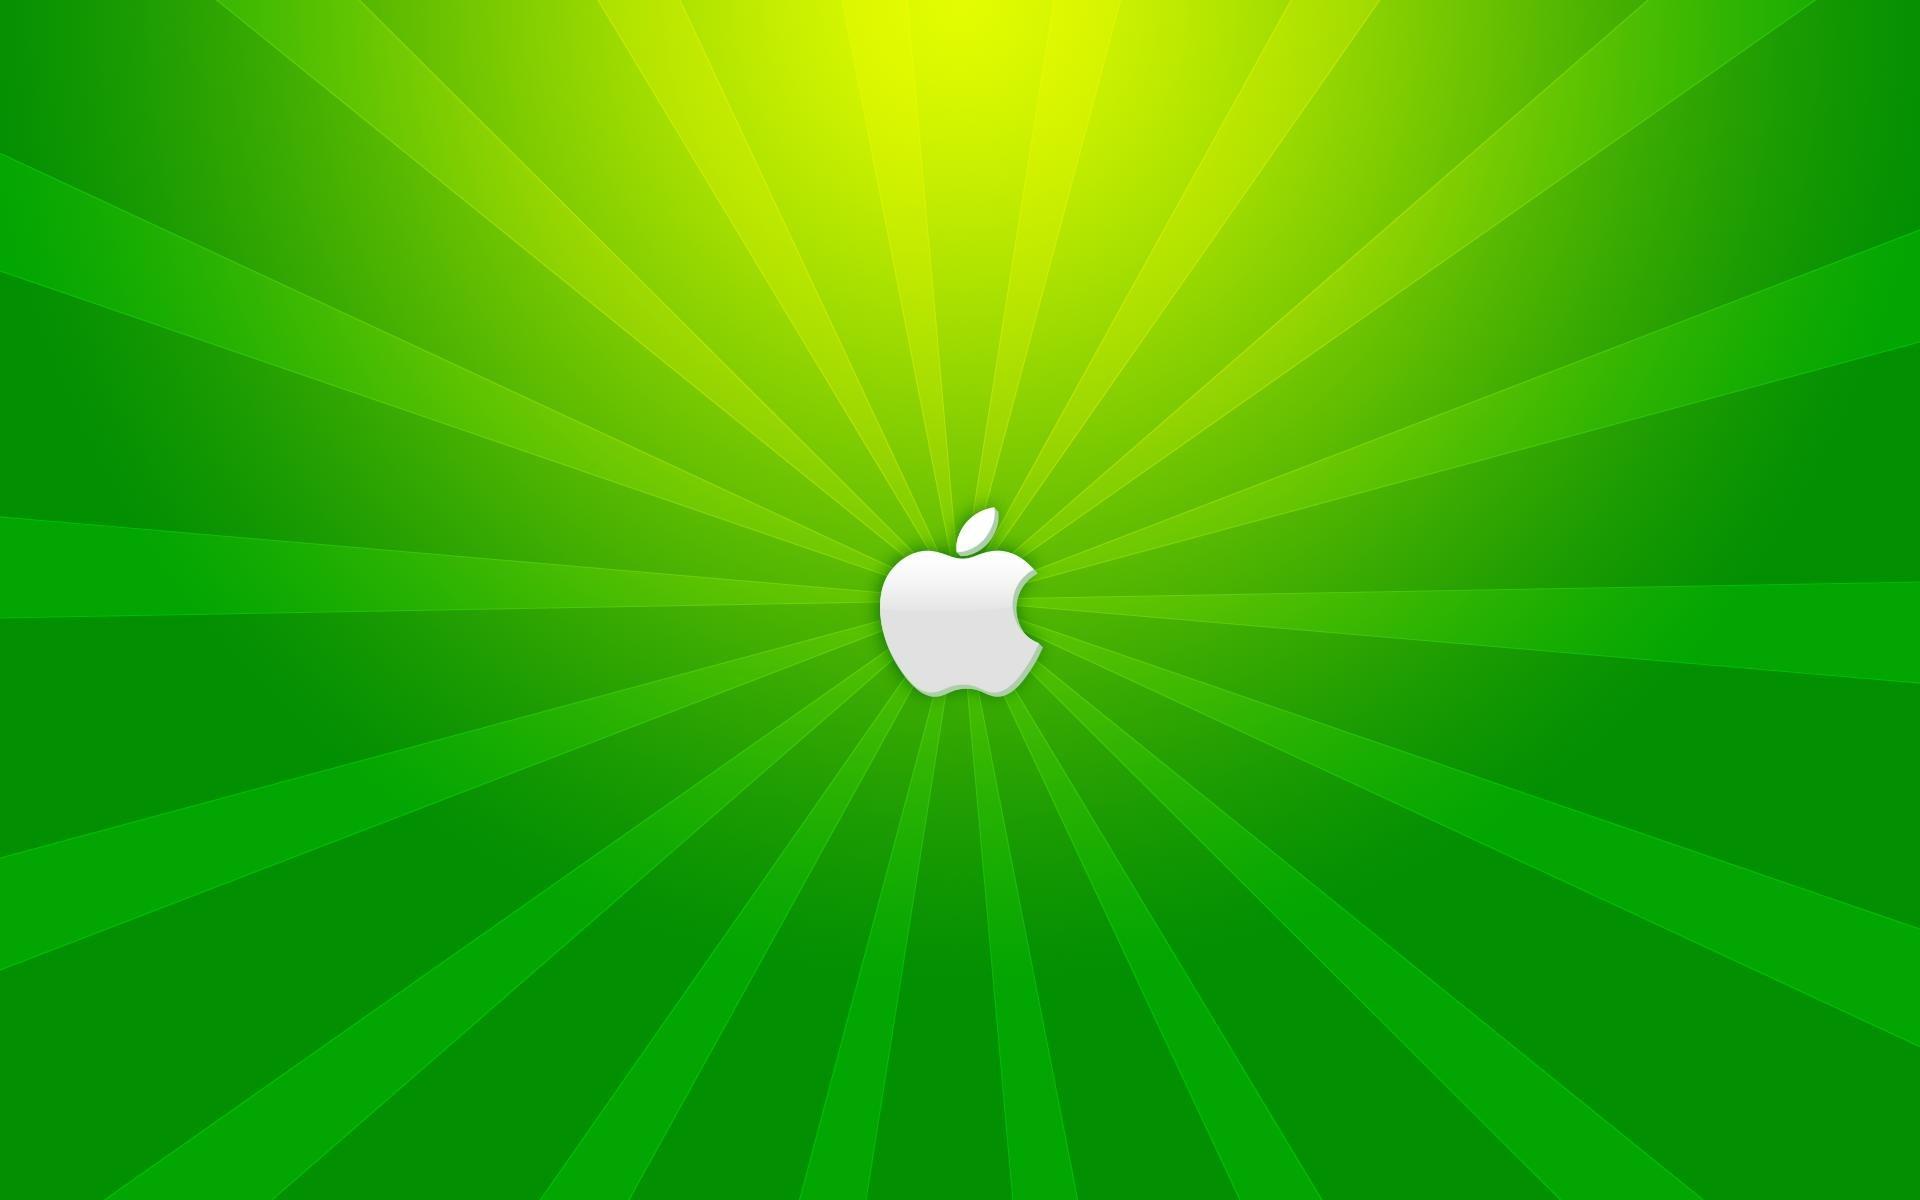 Los mejores wallpapers de Apple HD 1920x1200   Taringa 1920x1200